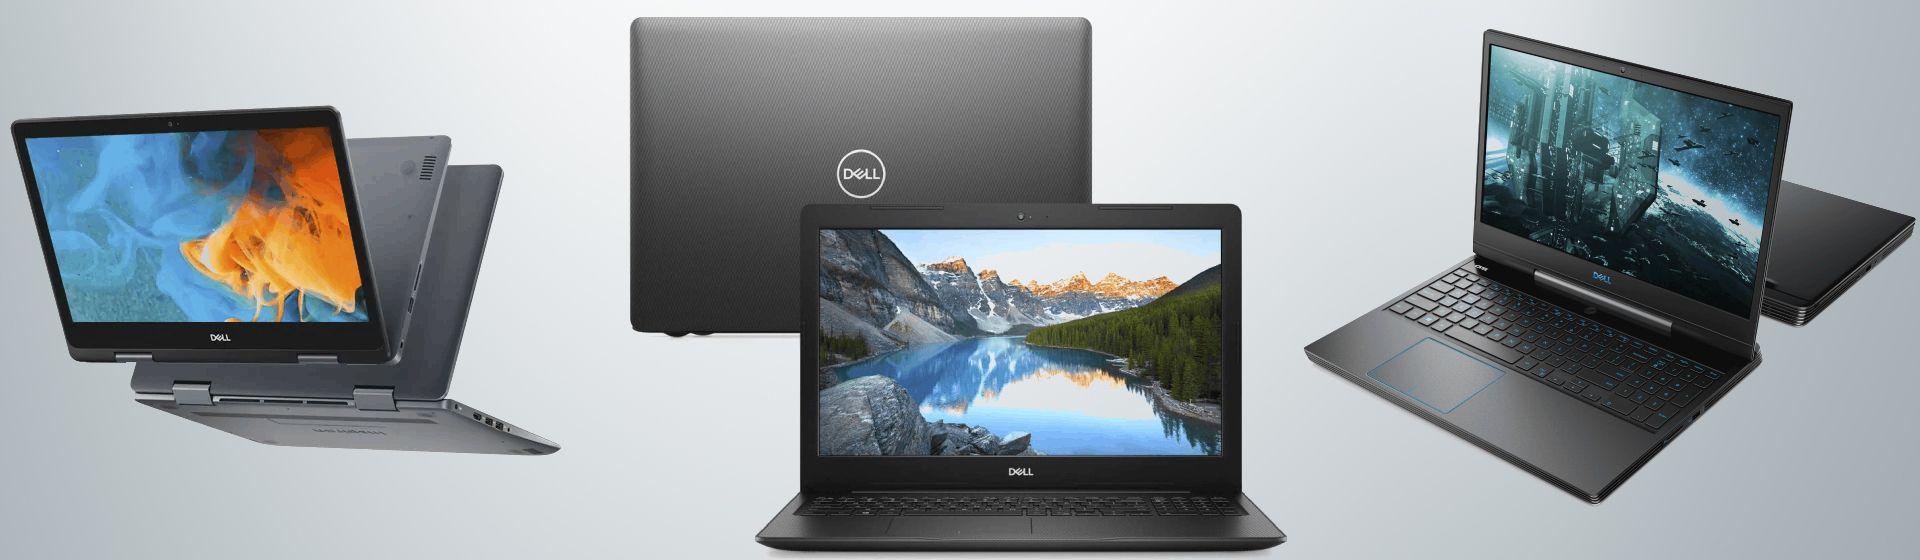 Melhor notebook Dell em 2021: veja 6 modelos para comprar